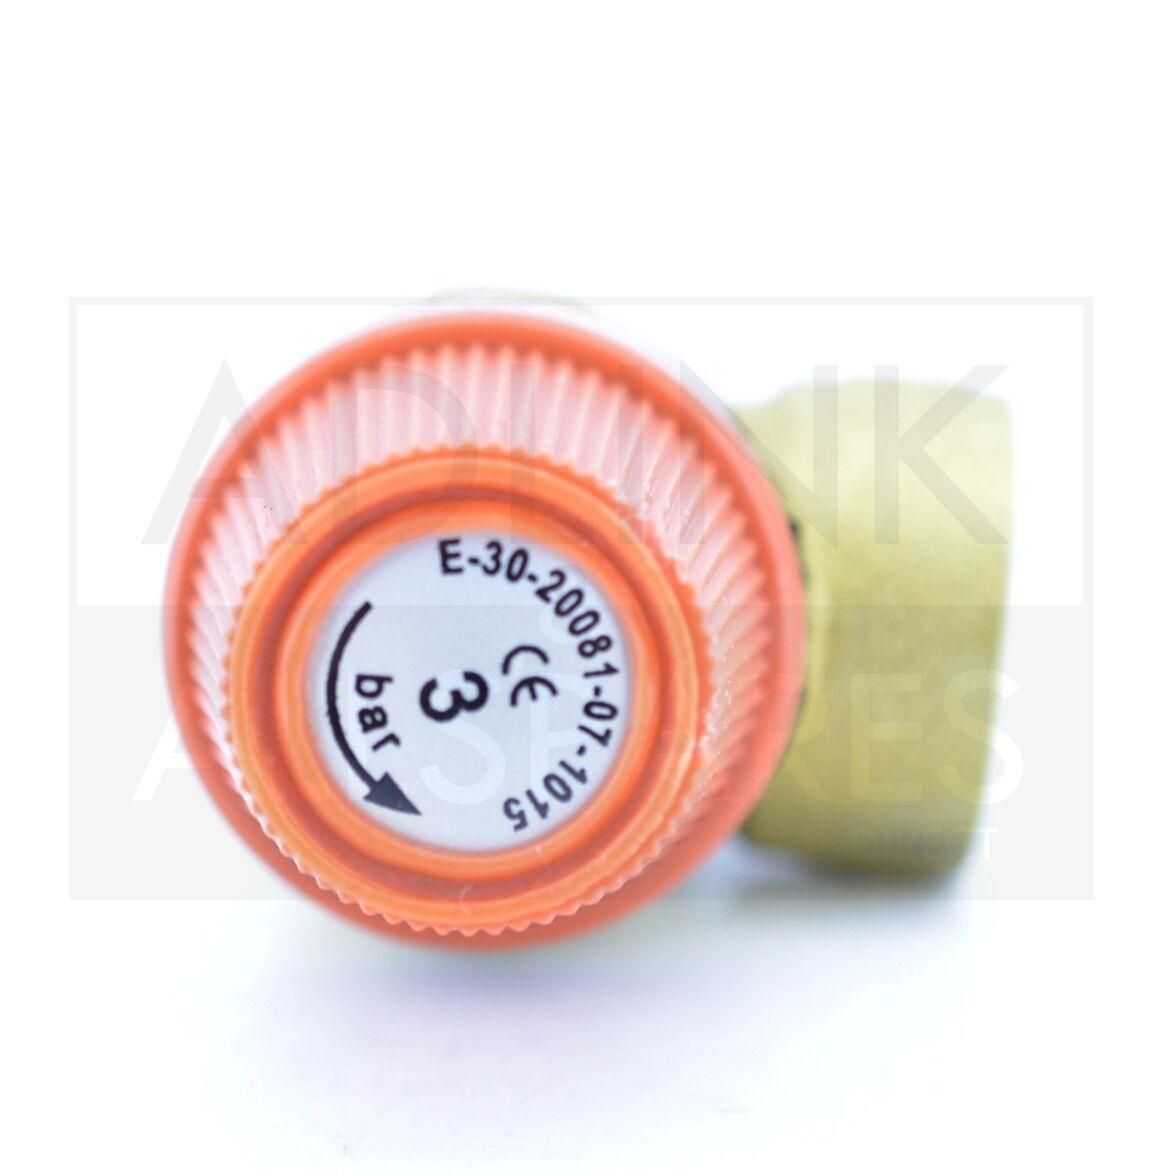 Potterton Promax Combi Plus 24HE 28HE 33HE soupape de surpression 248056 NEUF